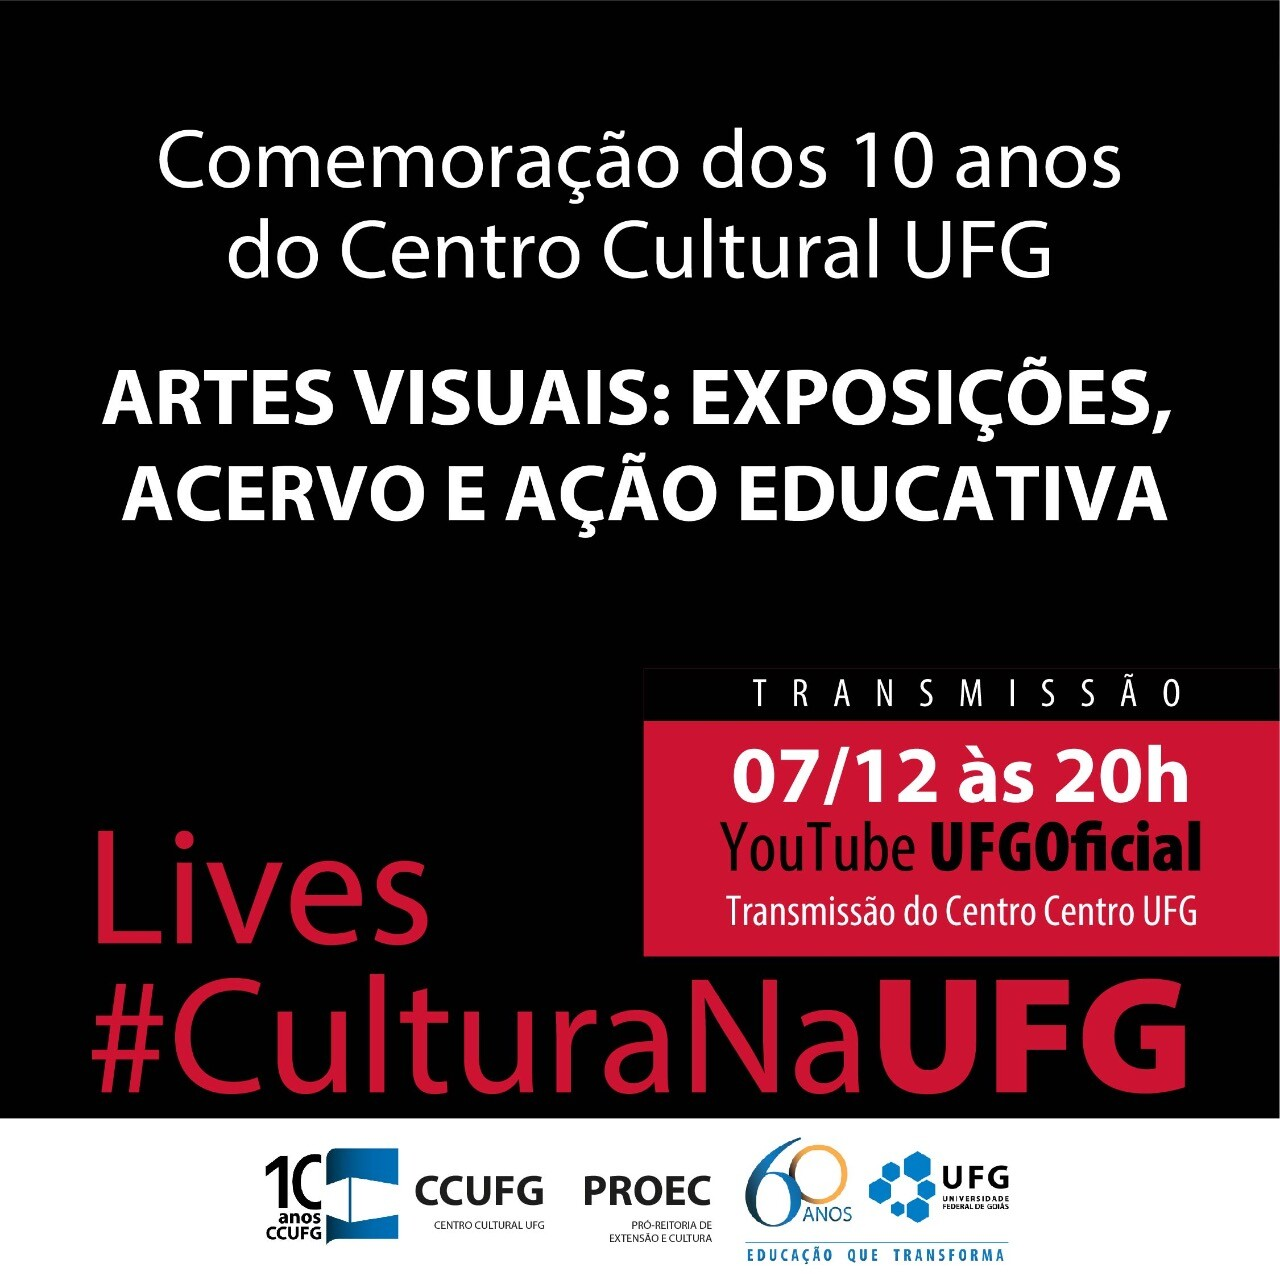 10 anos do CCUFG - Artes Visuais: Exposições, Acervo e Ação Educativa